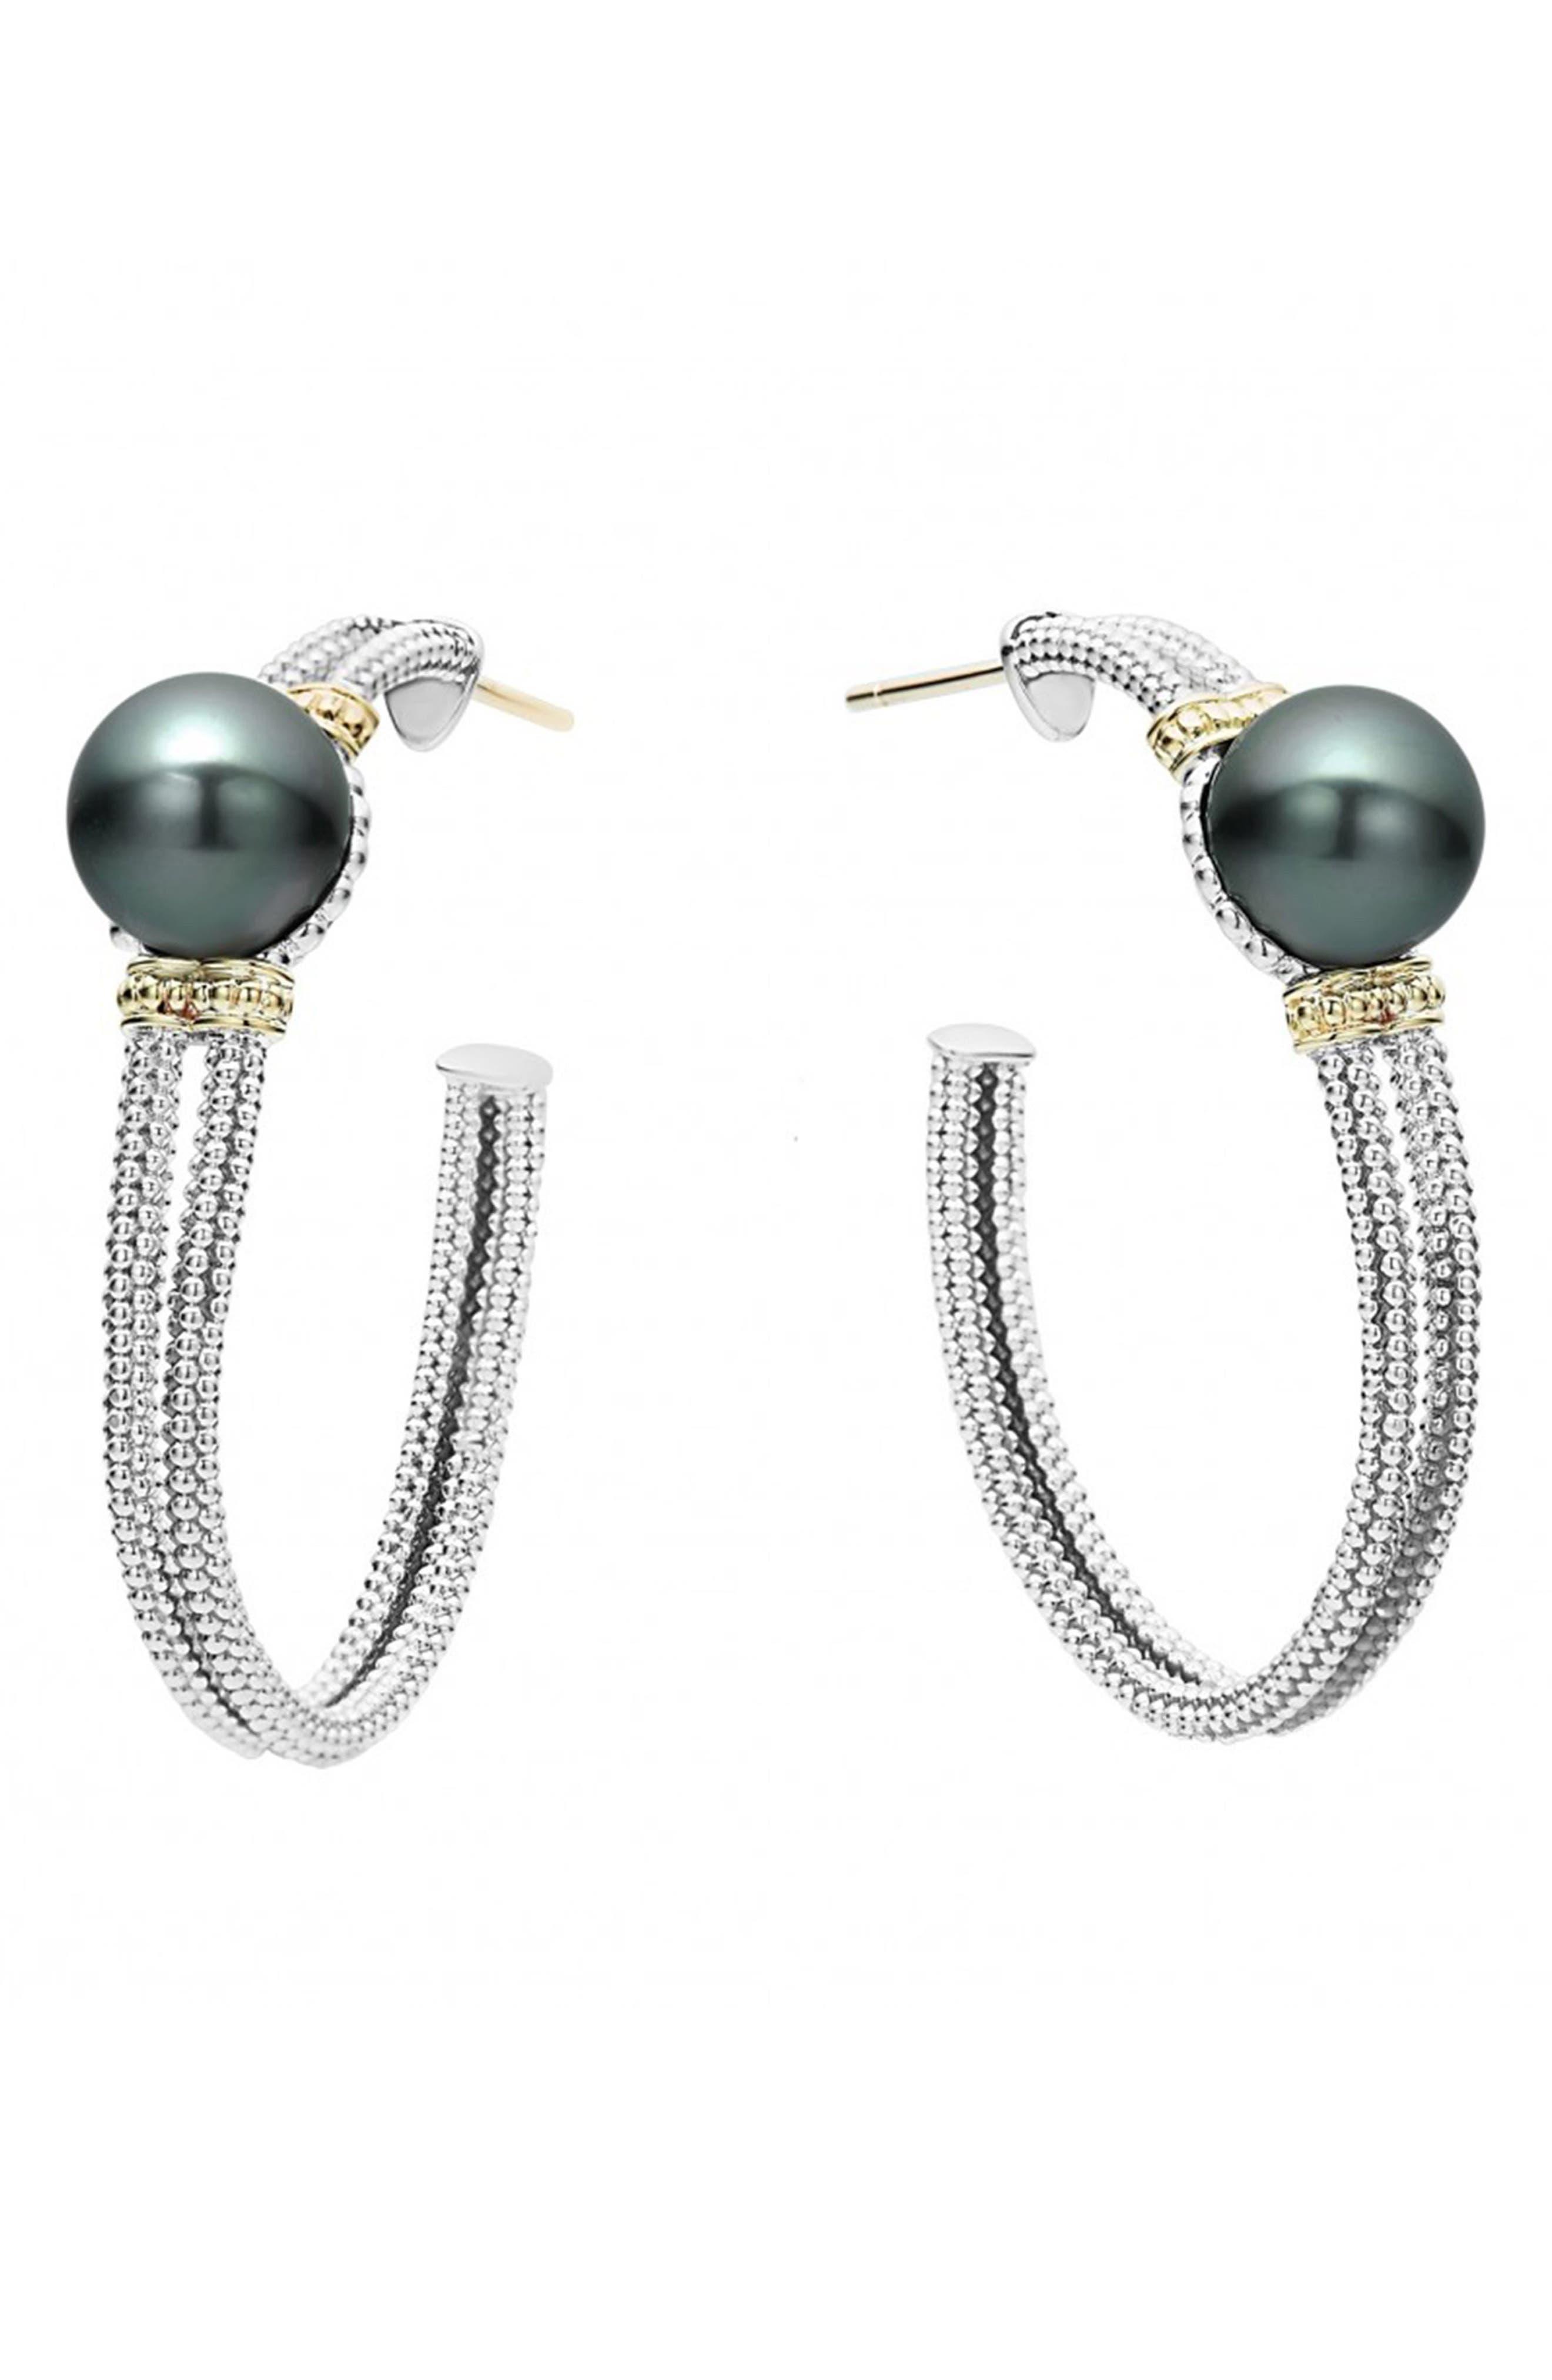 Luna 10mm Pearl Hoop Earrings,                         Main,                         color, Black Pearl